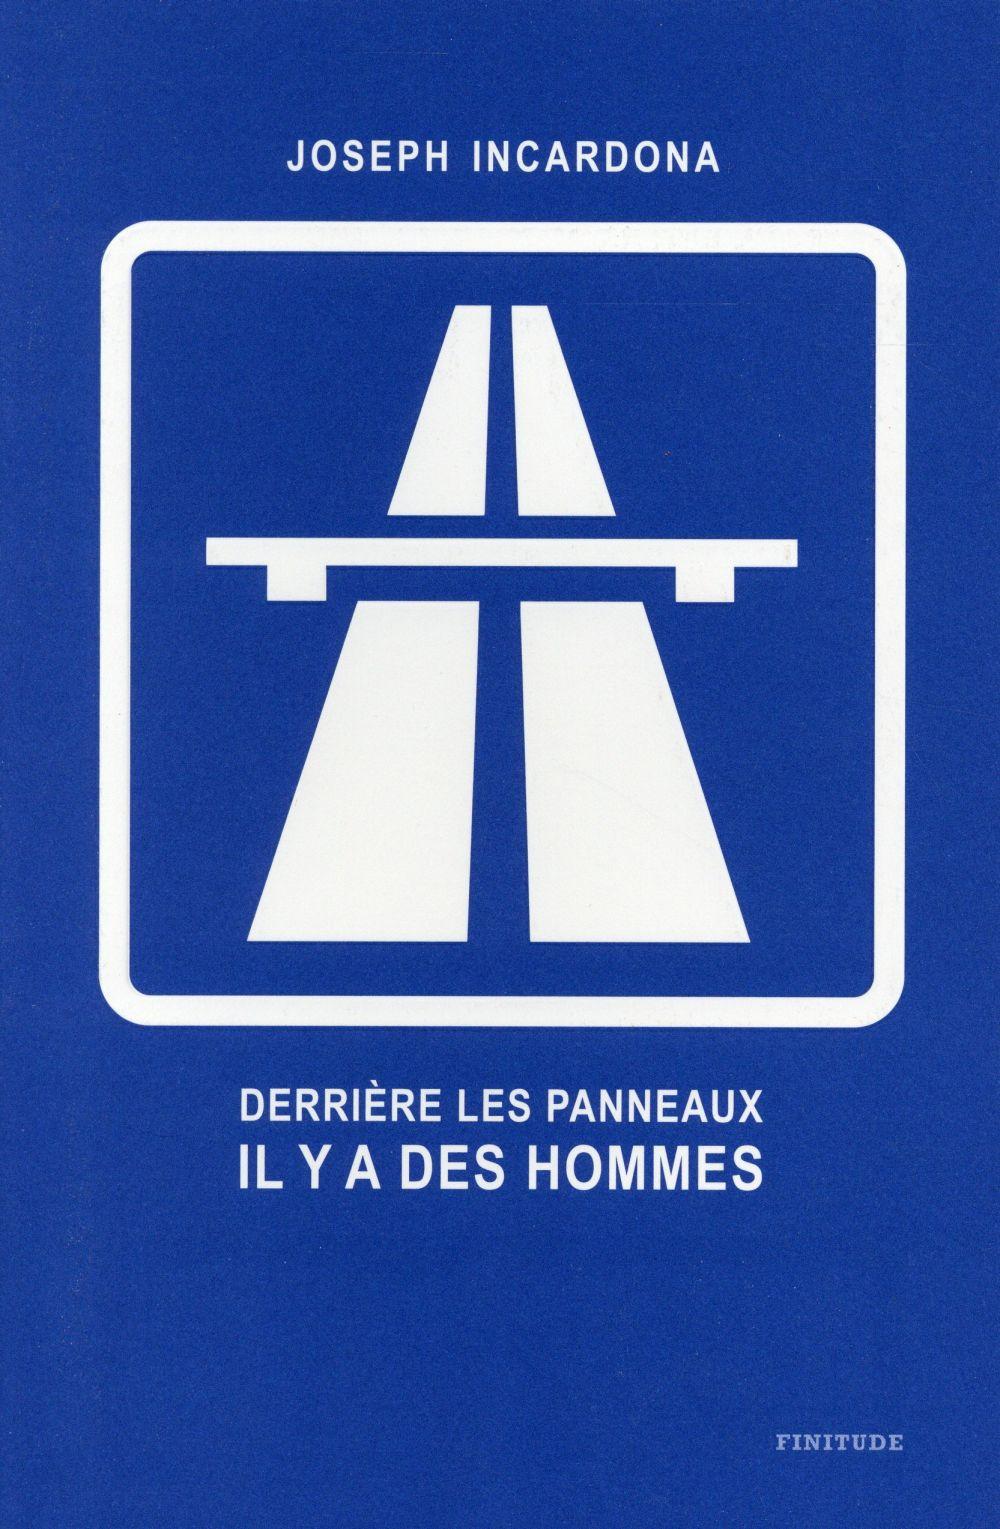 DERRIERE LES PANNEAUX, IL Y A DES HOMMES